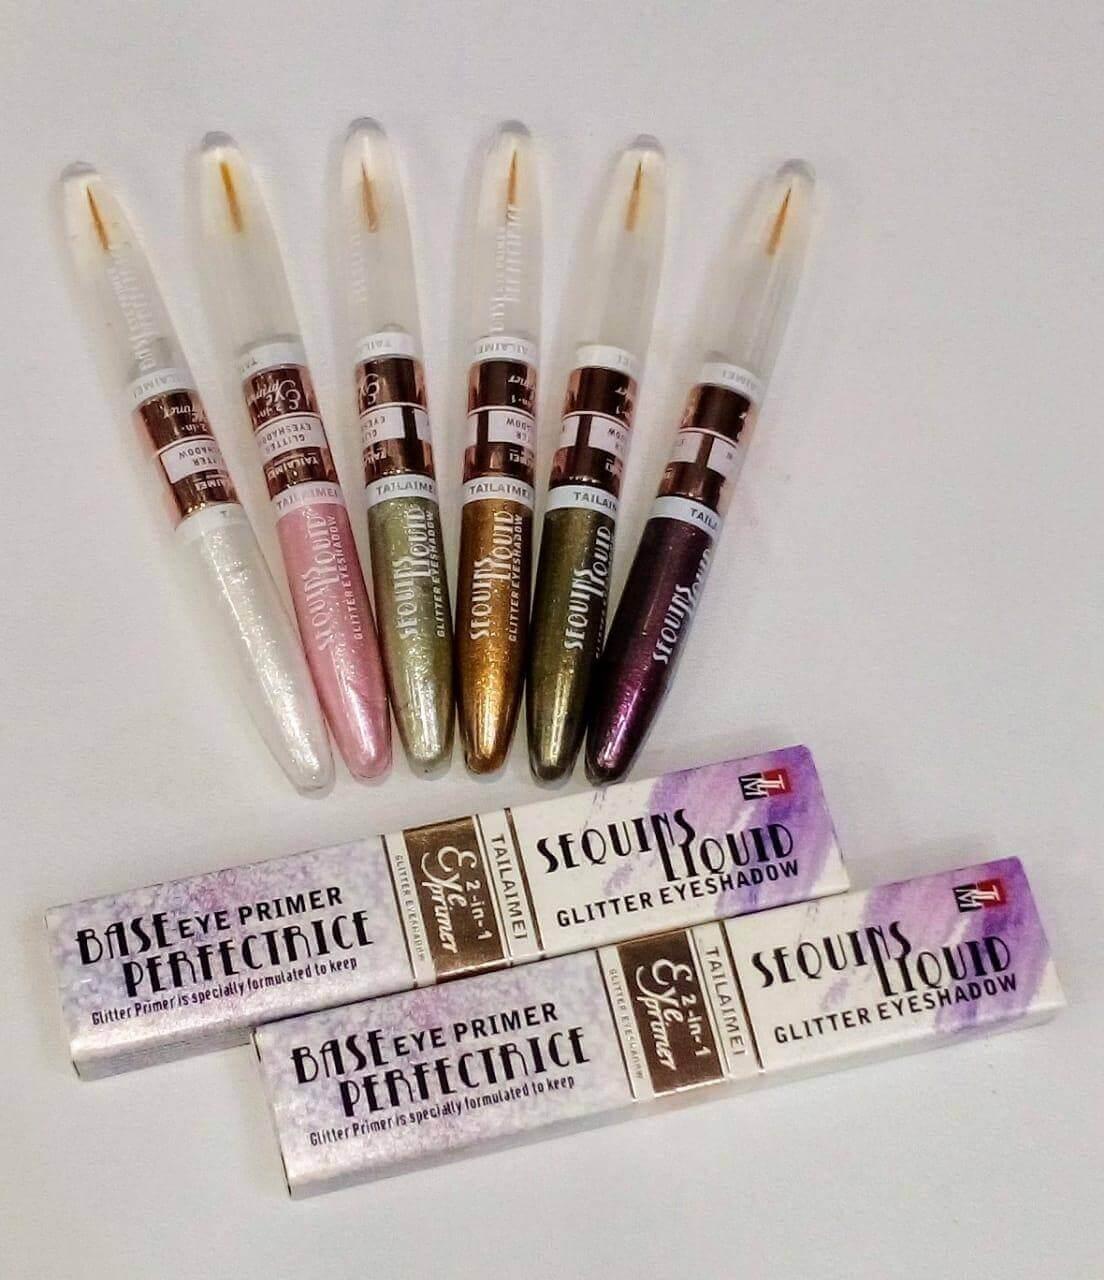 Pack Of 6 Glitter Eyeshadow Liquid and Eyeshadow Sequins price in pakistan sanwarna.pk